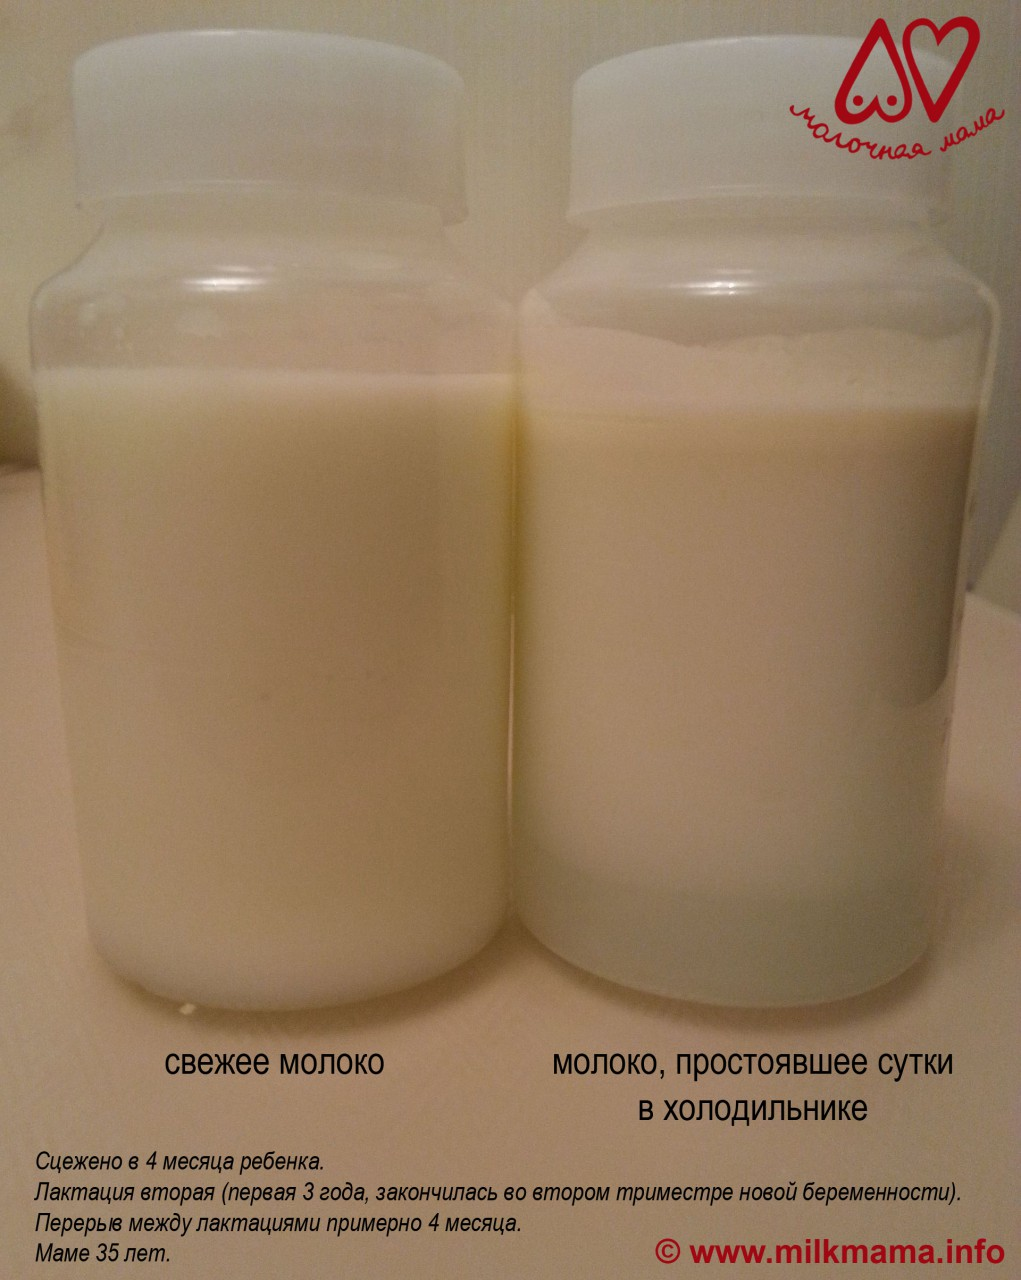 Как сделать, чтоб молоко перегорело?